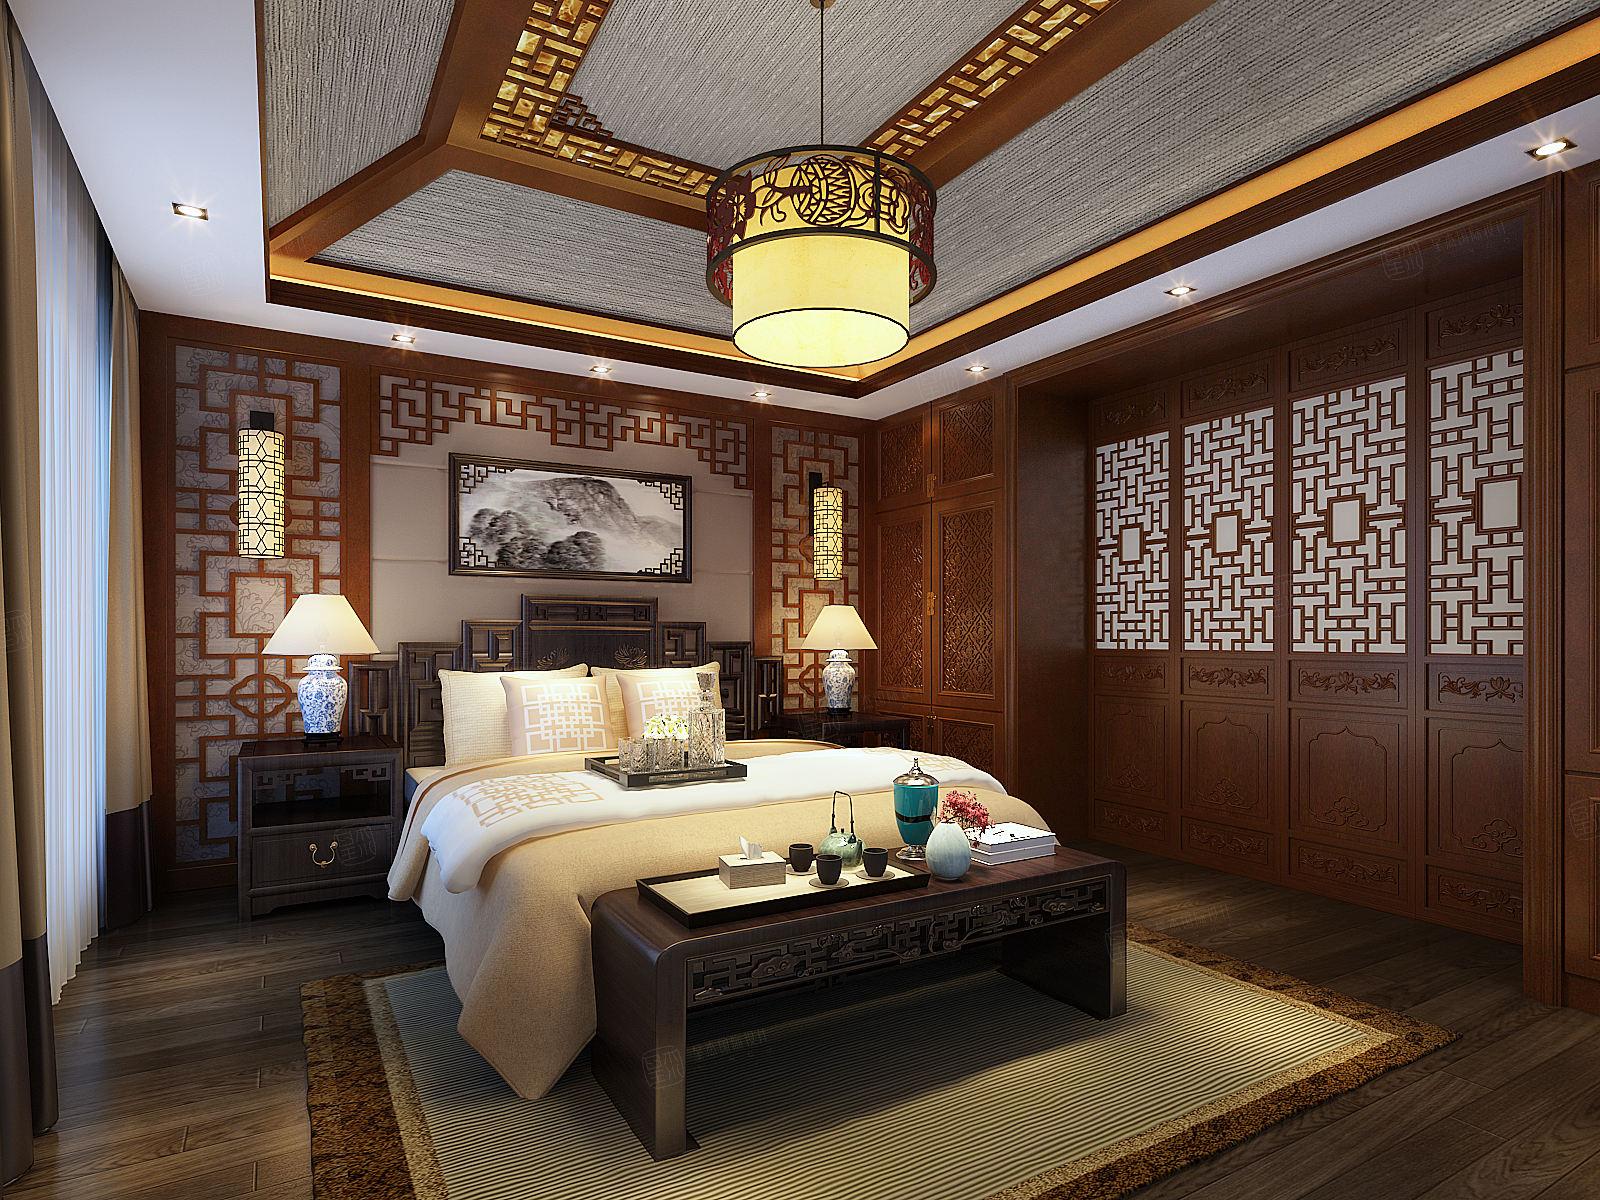 景瑞望府 中式装修卧室效果图